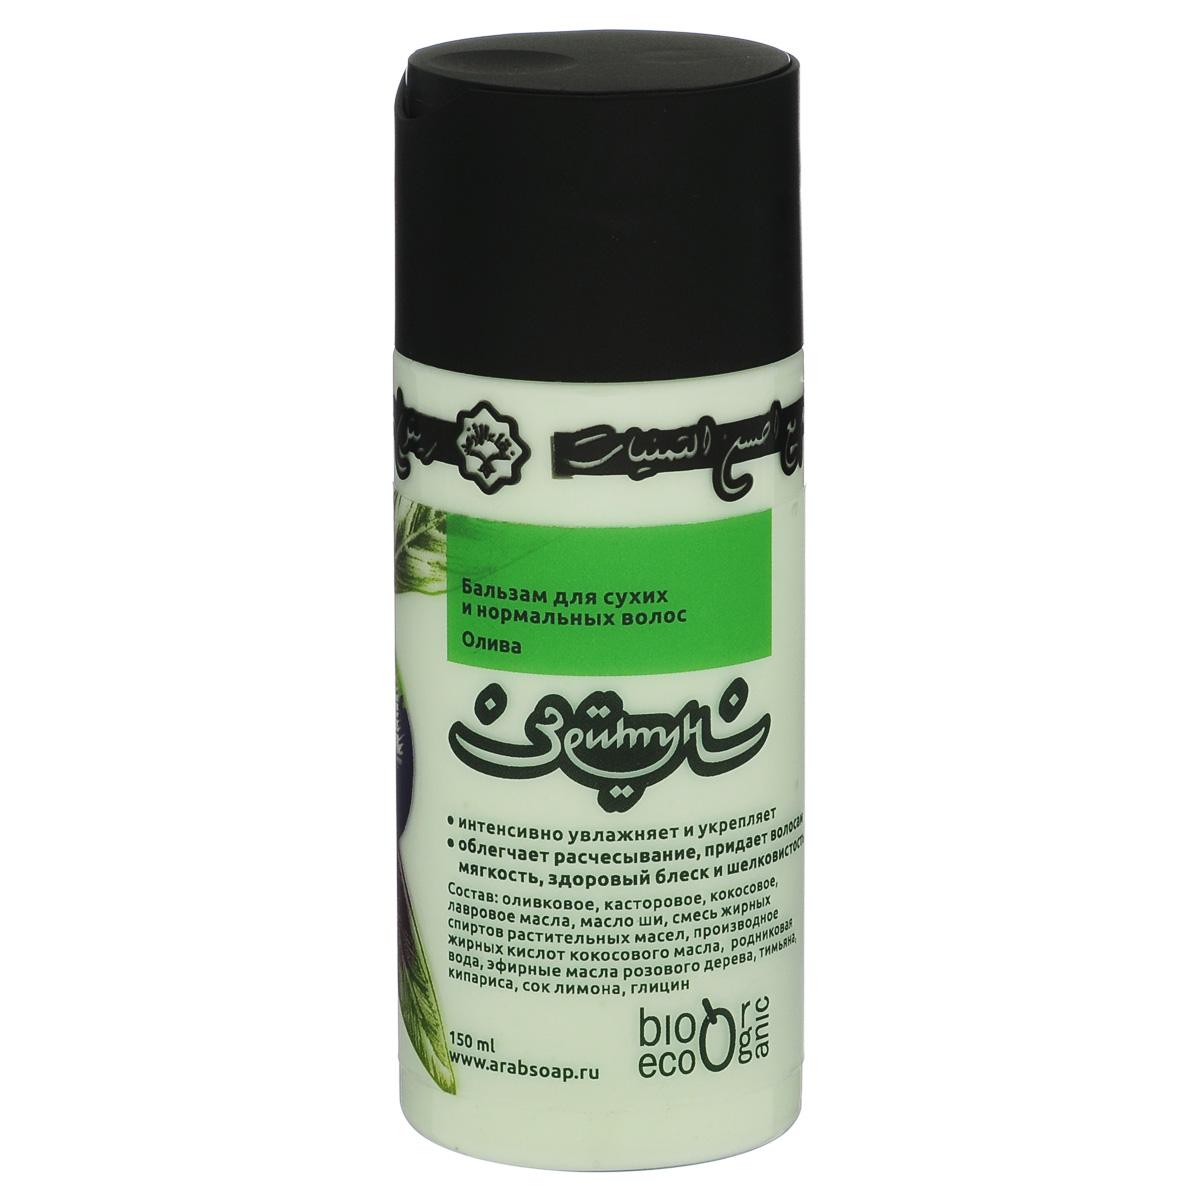 Зейтун Бальзам Олива для укрепления сухих волос, 150 млZ0201Олива может выжить в самых засушливых местах, потому что её листья обладают потрясающей способностью удерживать влагу. Так и оливковое масло в нашем бальзаме — способствует закреплению и сохранению влаги в ваших волосах. Остальные компоненты закрепляют эффект: • интенсивное увлажнение кожи головы, всей структуры волос — от луковиц до кончиков. • волосы становятся мягче, послушнее, перестают электризоваться, теперь их легко расчёсывать и укладывать в изящную причёску, • волосы напитываются, разглаживаются, утолщаются, выглядят очень ухоженно. Особенно подходит натуральный бальзам Зейтун Олива — для укрепления сухих, тусклых и безжизненных волос.